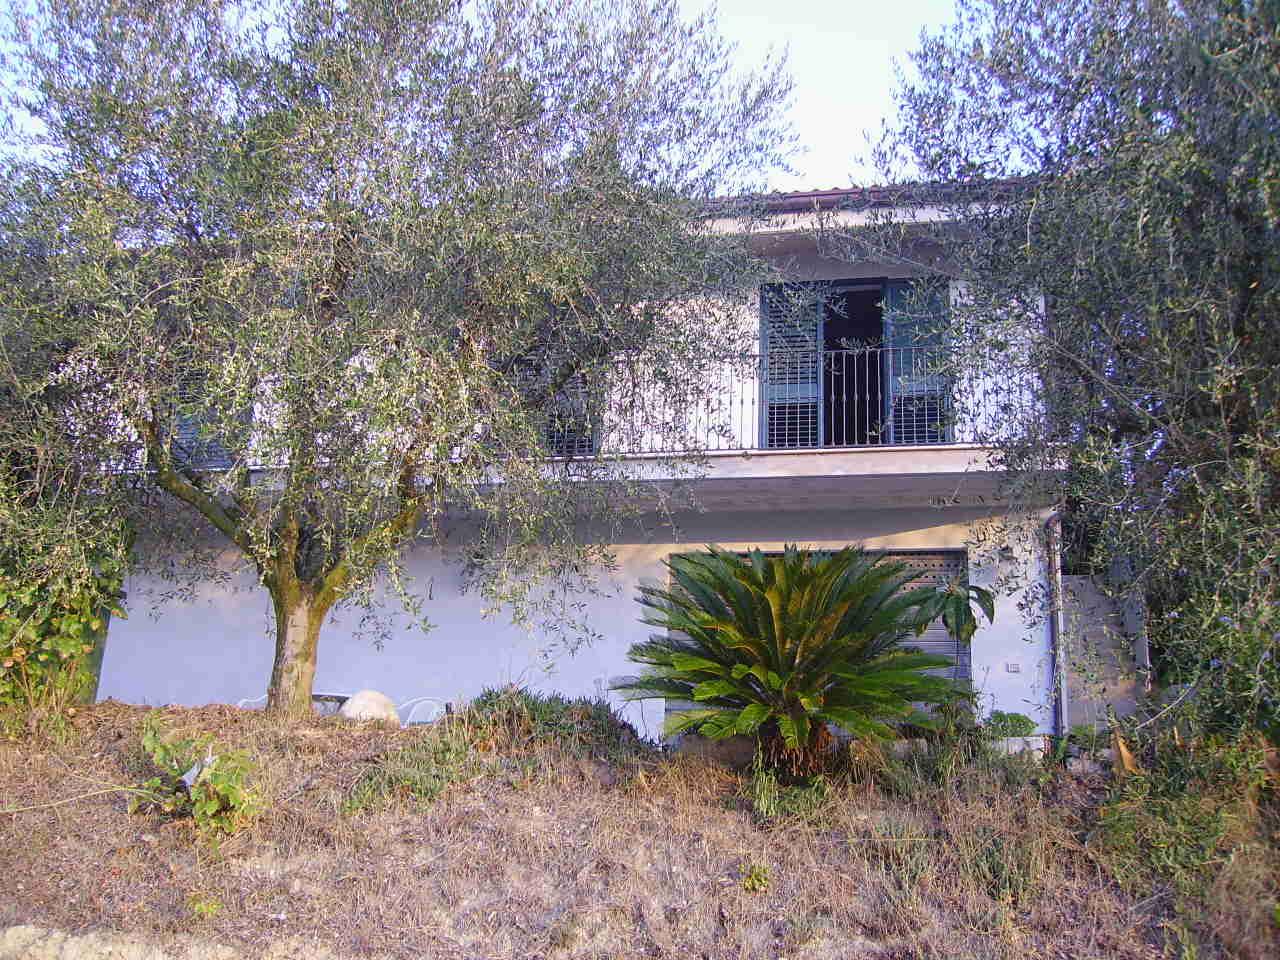 Soluzione Indipendente in vendita a San Benedetto del Tronto, 7 locali, zona Località: PortodAscoli, prezzo € 380.000 | Cambio Casa.it